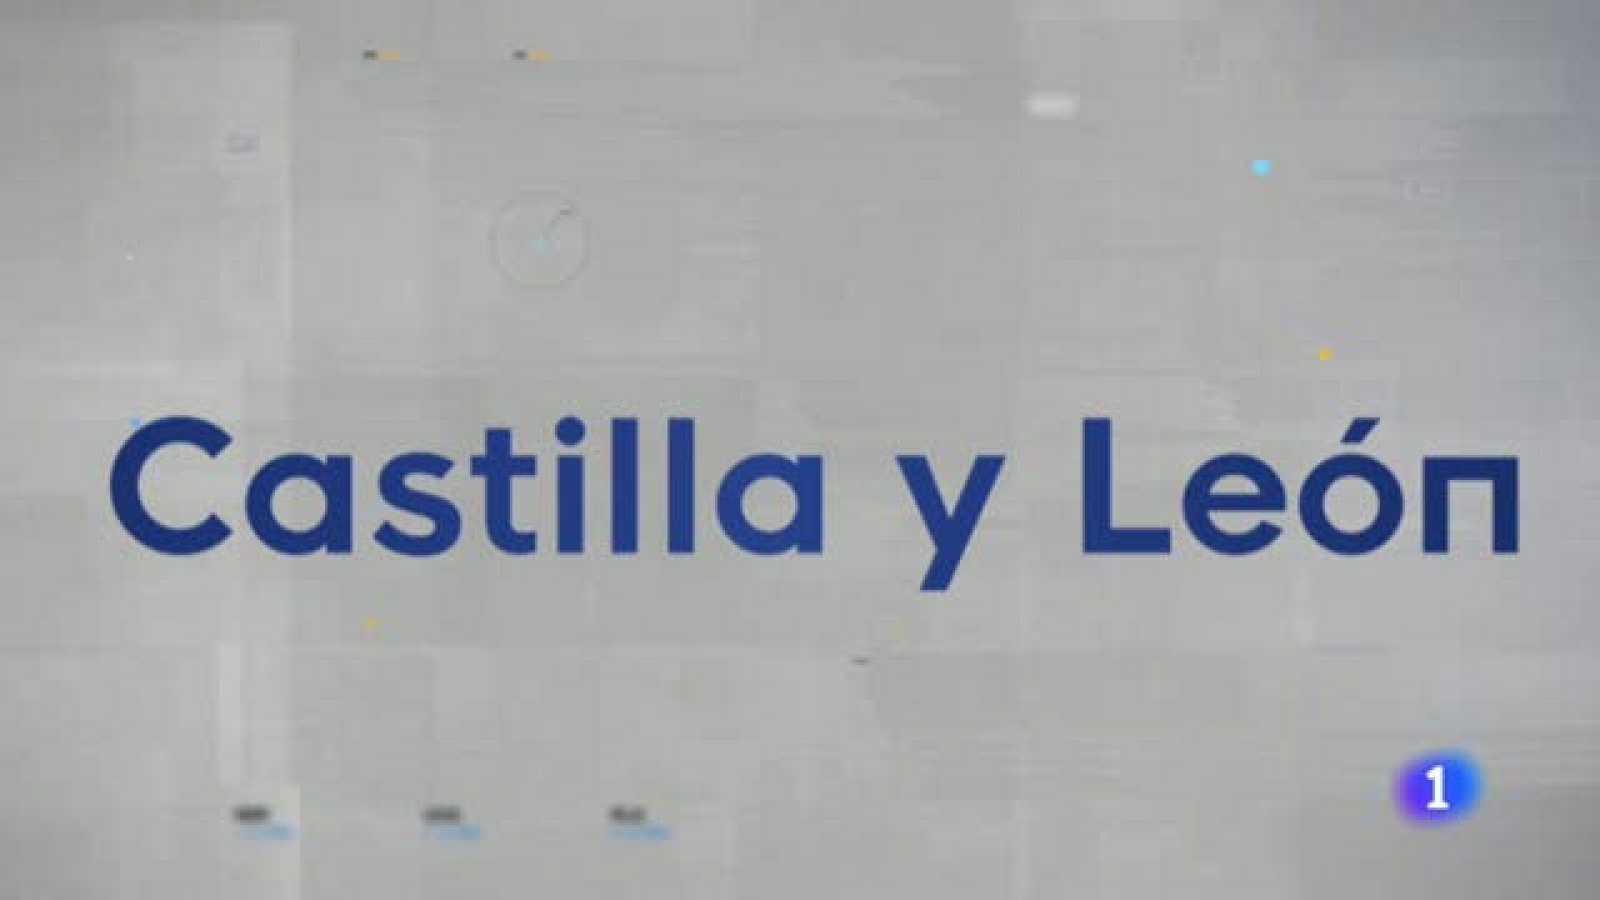 Noticias de Castilla y León - 04/05/21